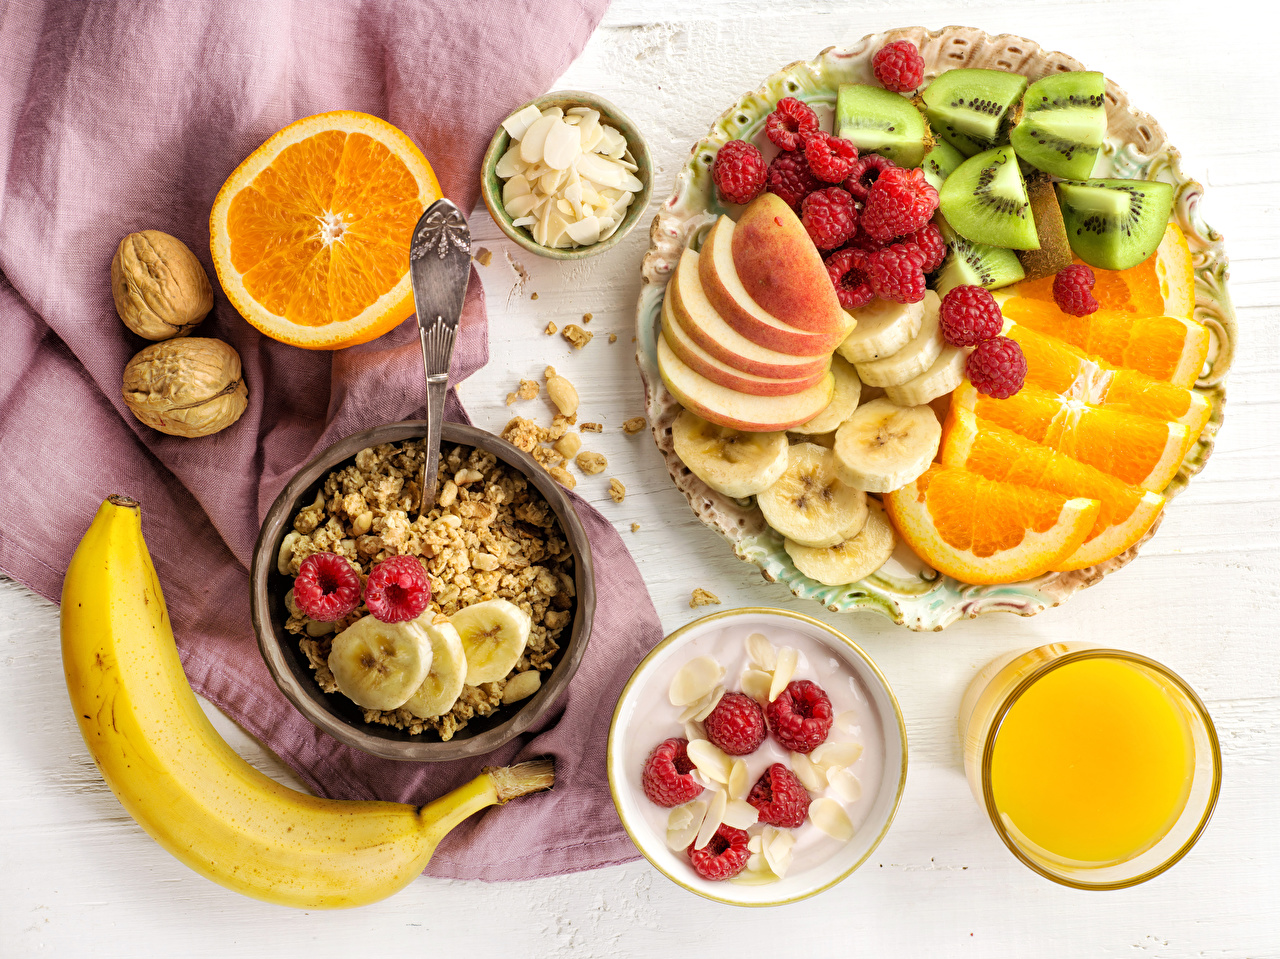 Картинка Сок Завтрак Апельсин Стакан Бананы Малина Пища Мюсли Фрукты Орехи Еда Продукты питания